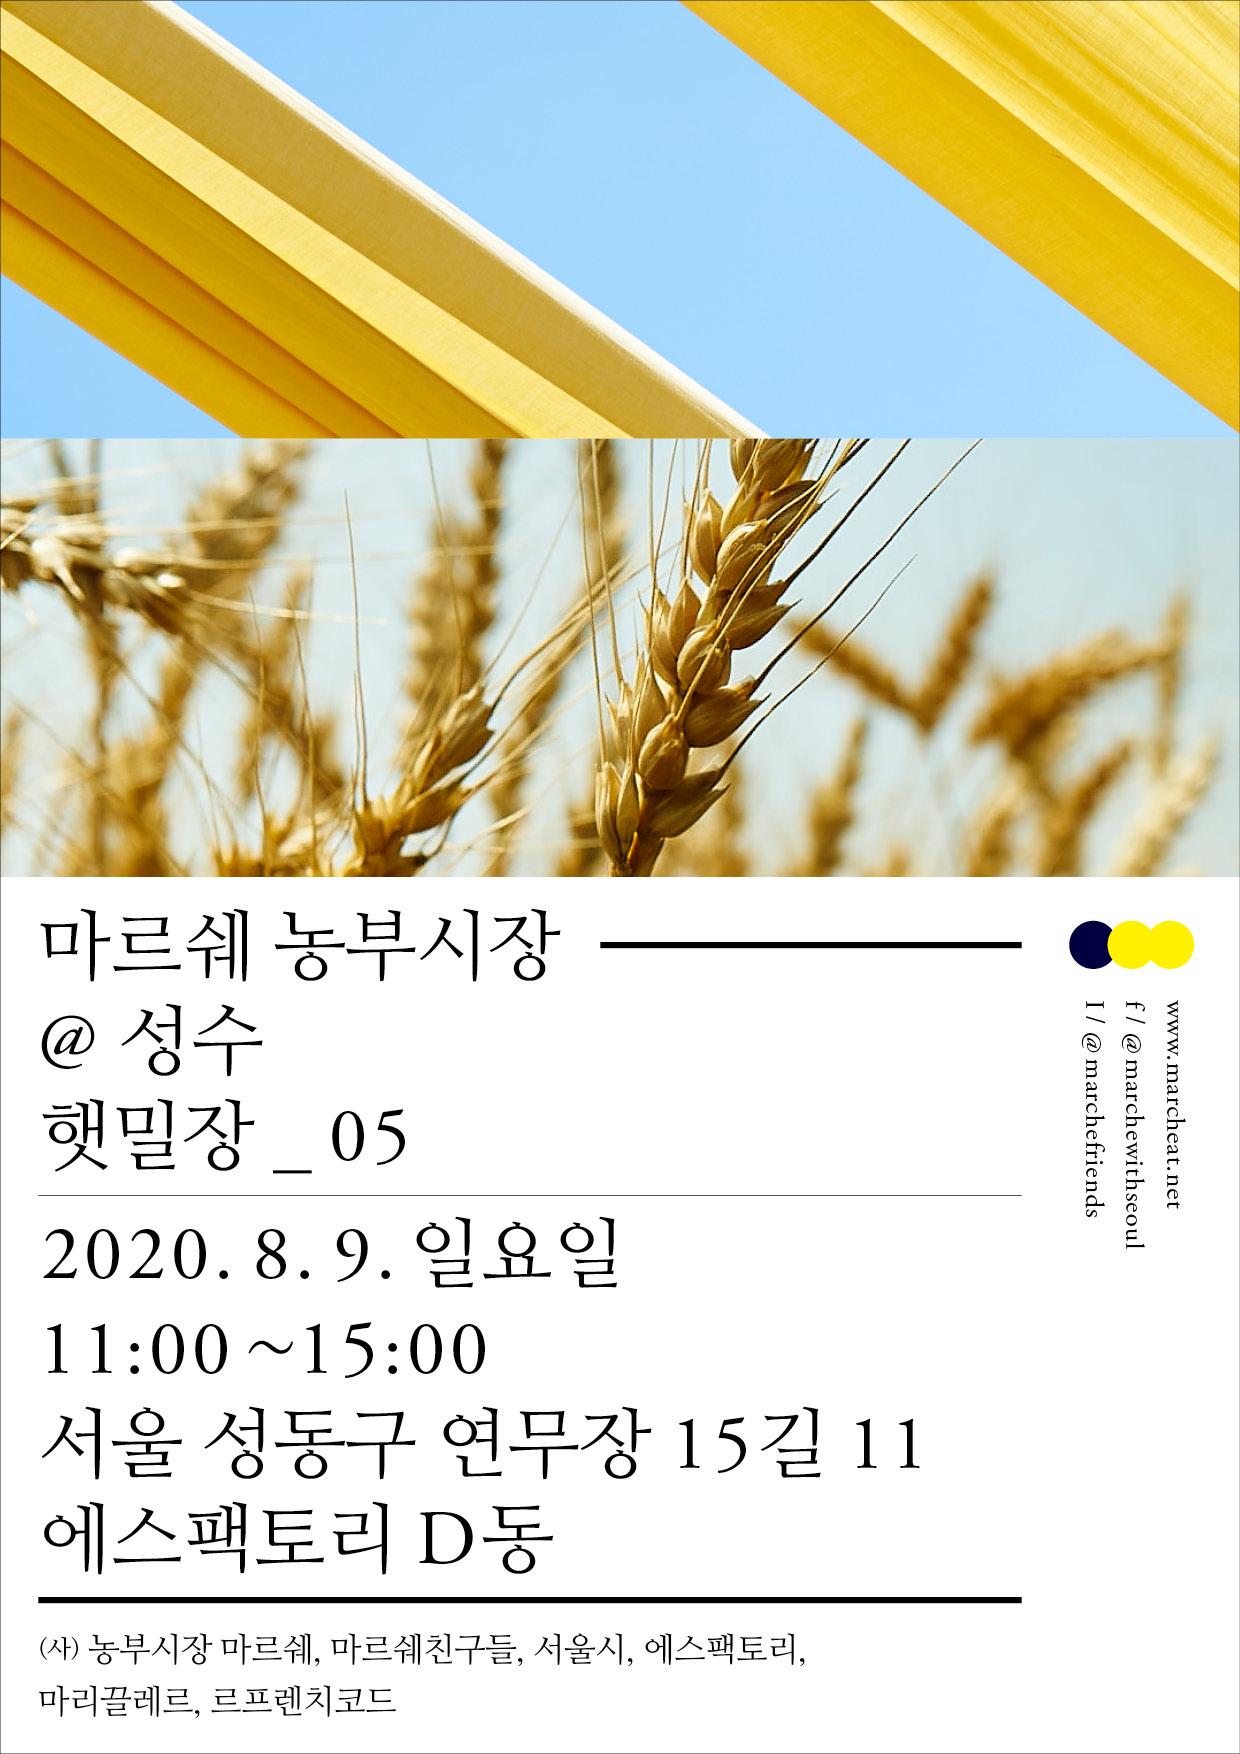 8월 9일 (일) 마르쉐 농부시장@성수를 소개합니다.